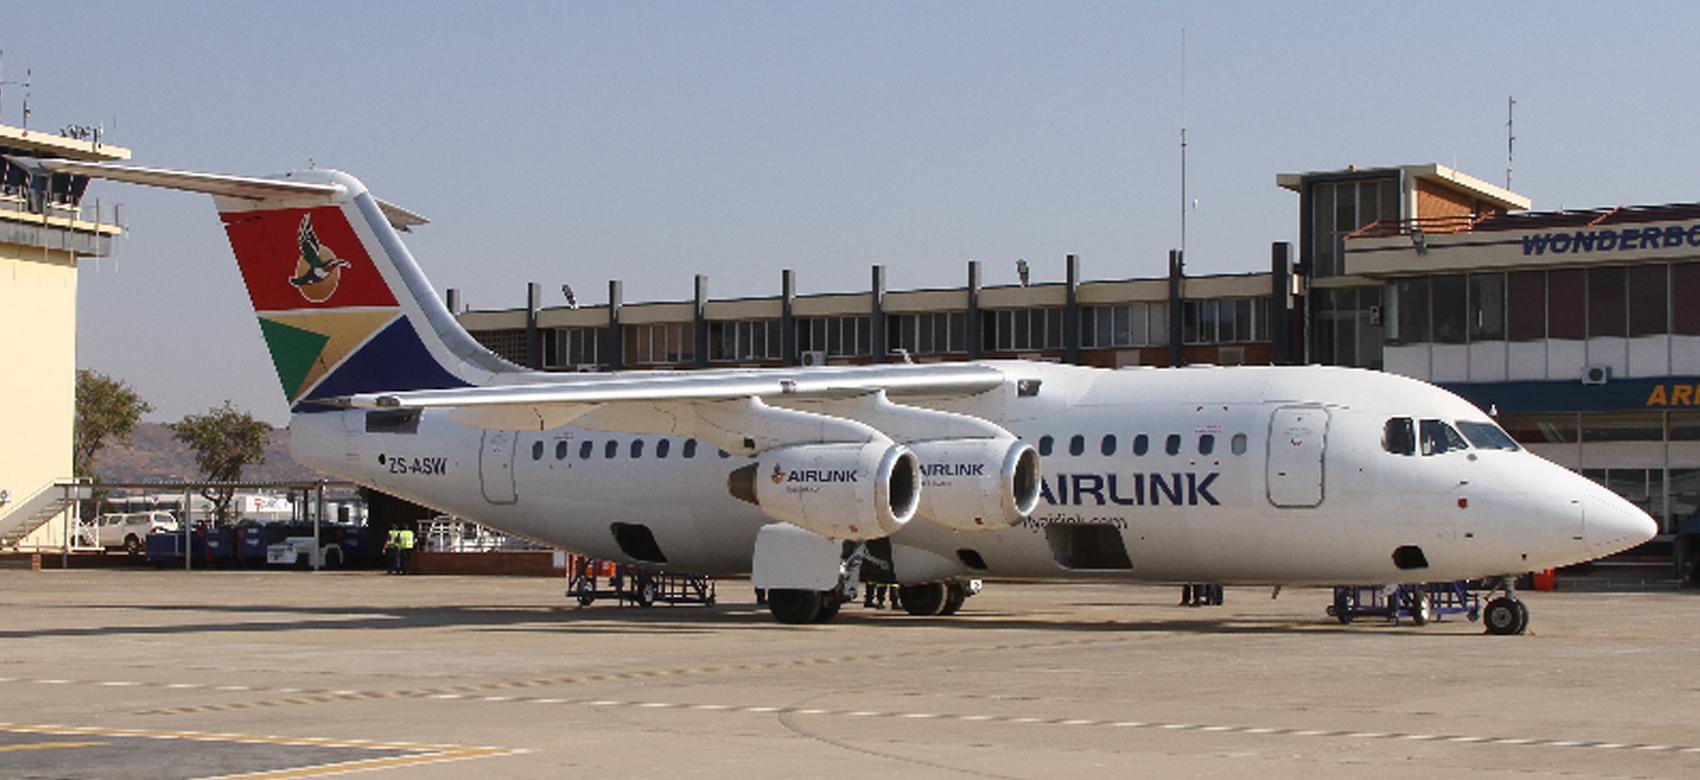 Airlink_Wonderboom